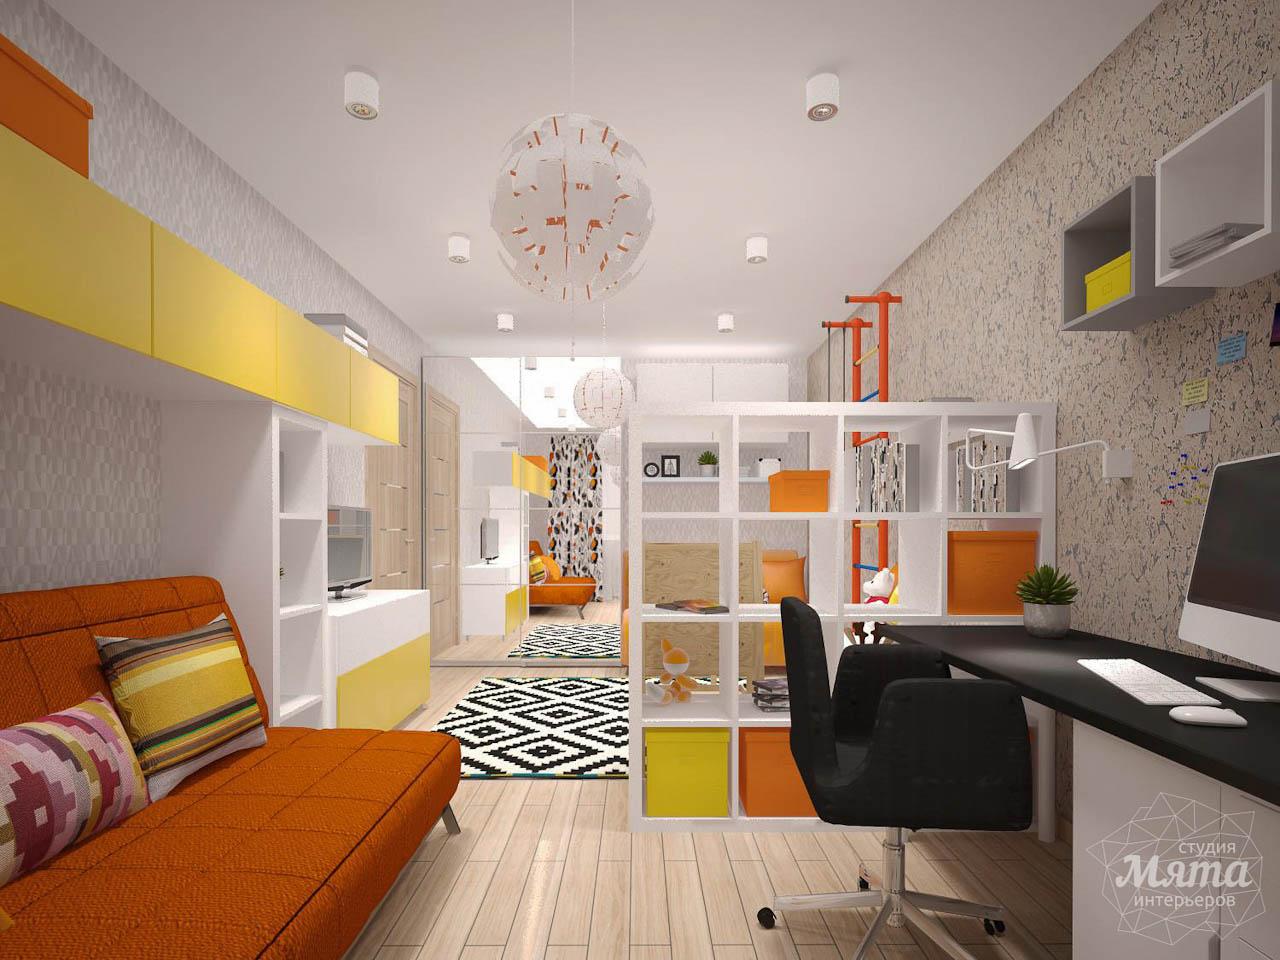 Дизайн интерьера однокомнатной квартиры в современном стиле по ул. Агрономическая 47 img39286197